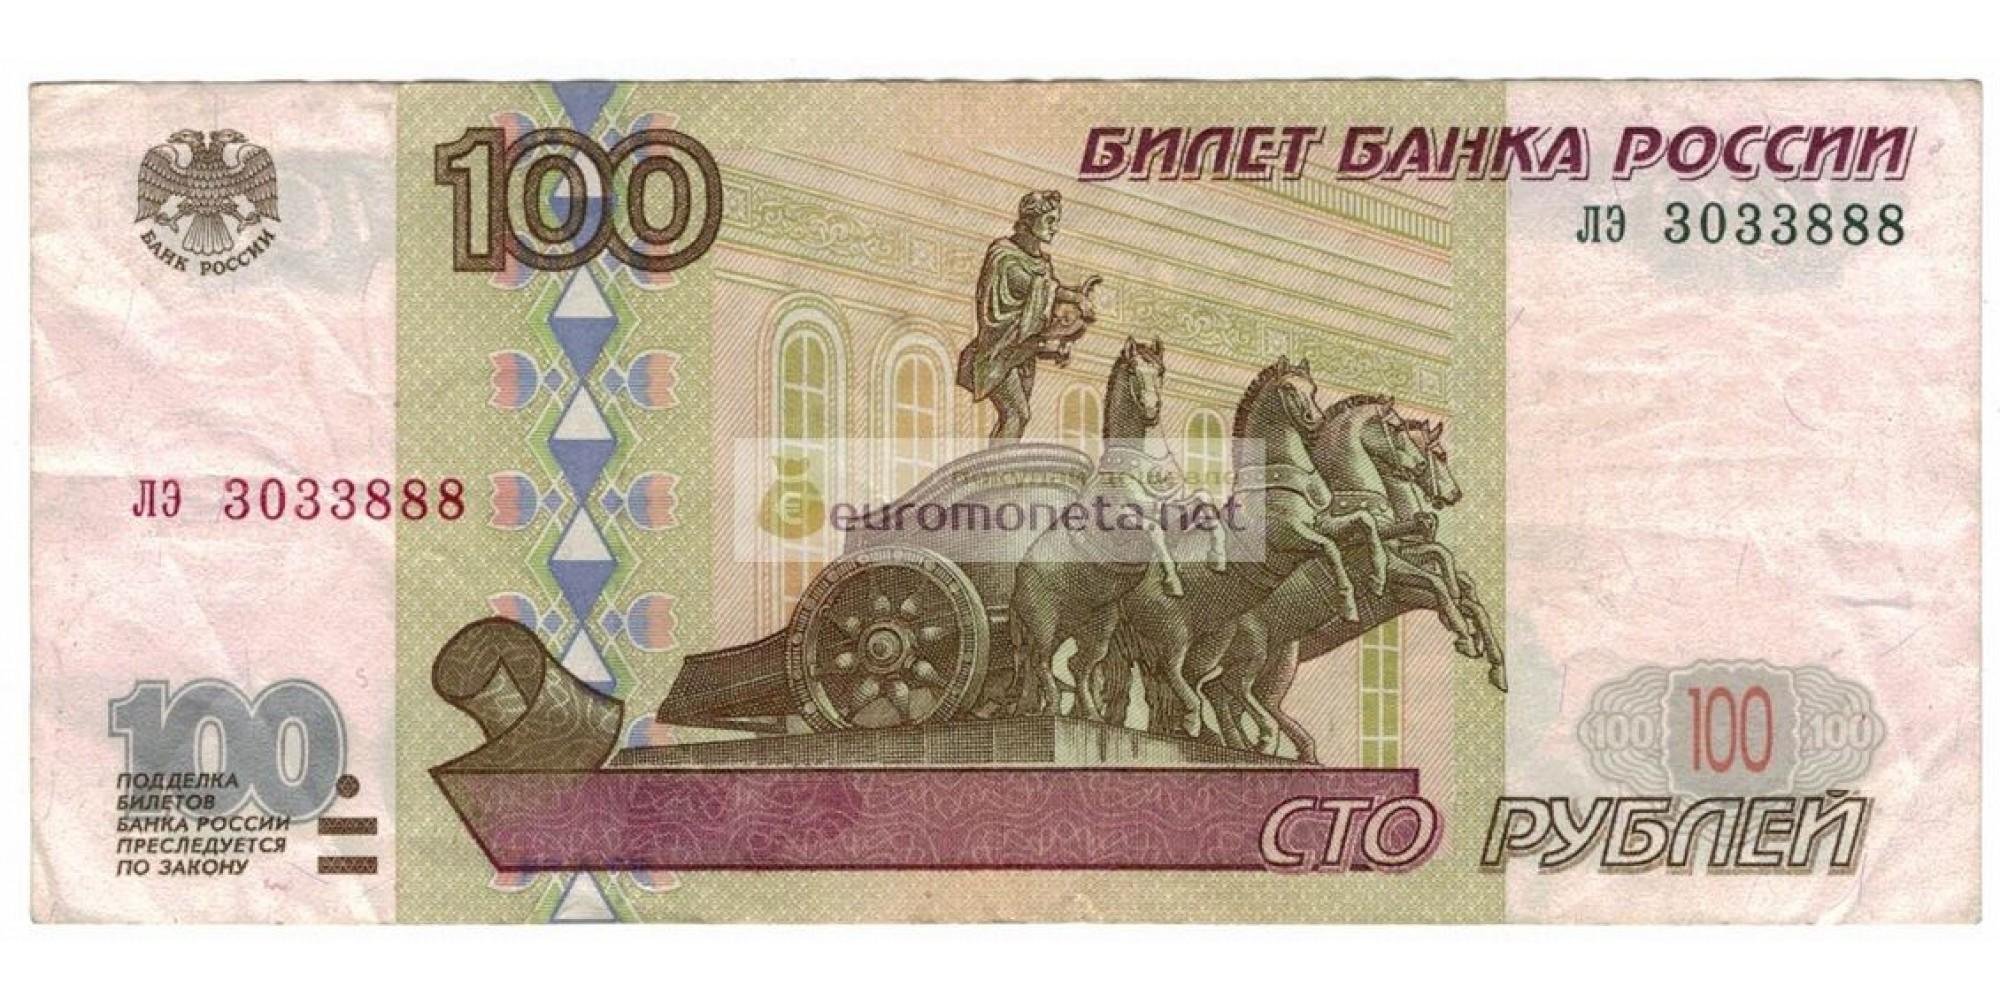 Россия 100 рублей 1997 год без модификации серия лэ 3033888